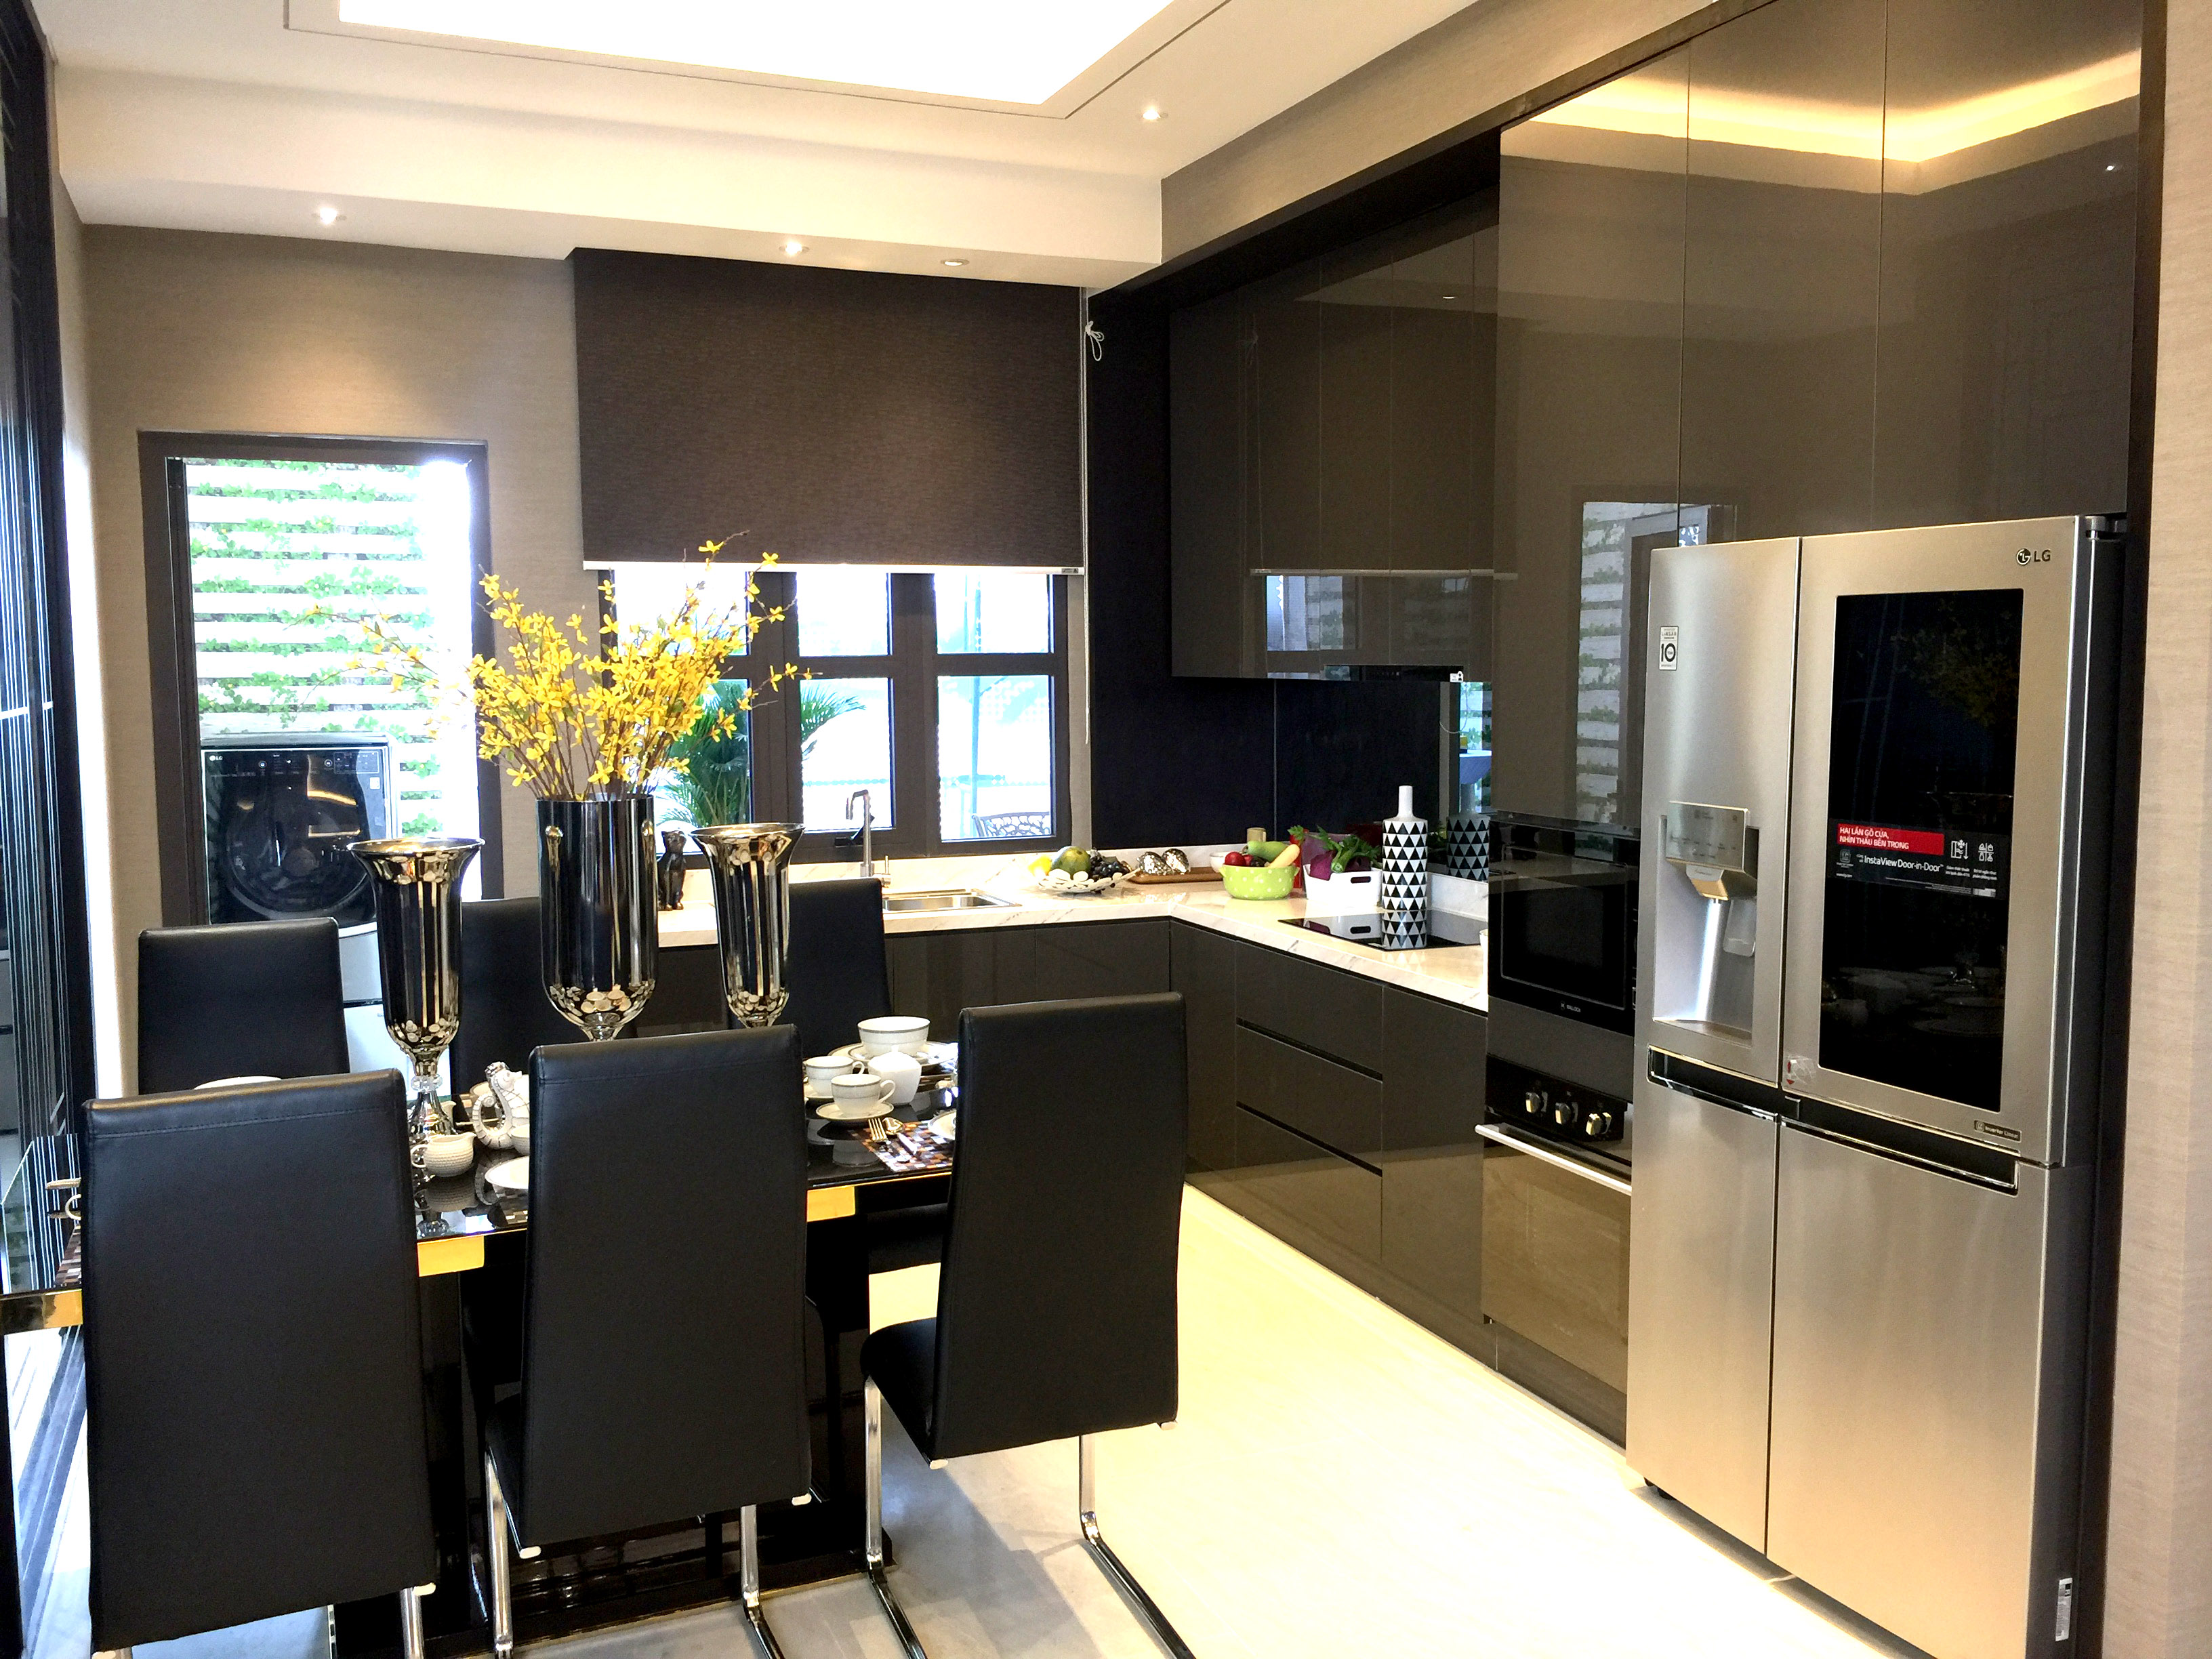 HALO GROUP chúc mừng dự án SIMCity Premier Homes khai trương nhà mẫu